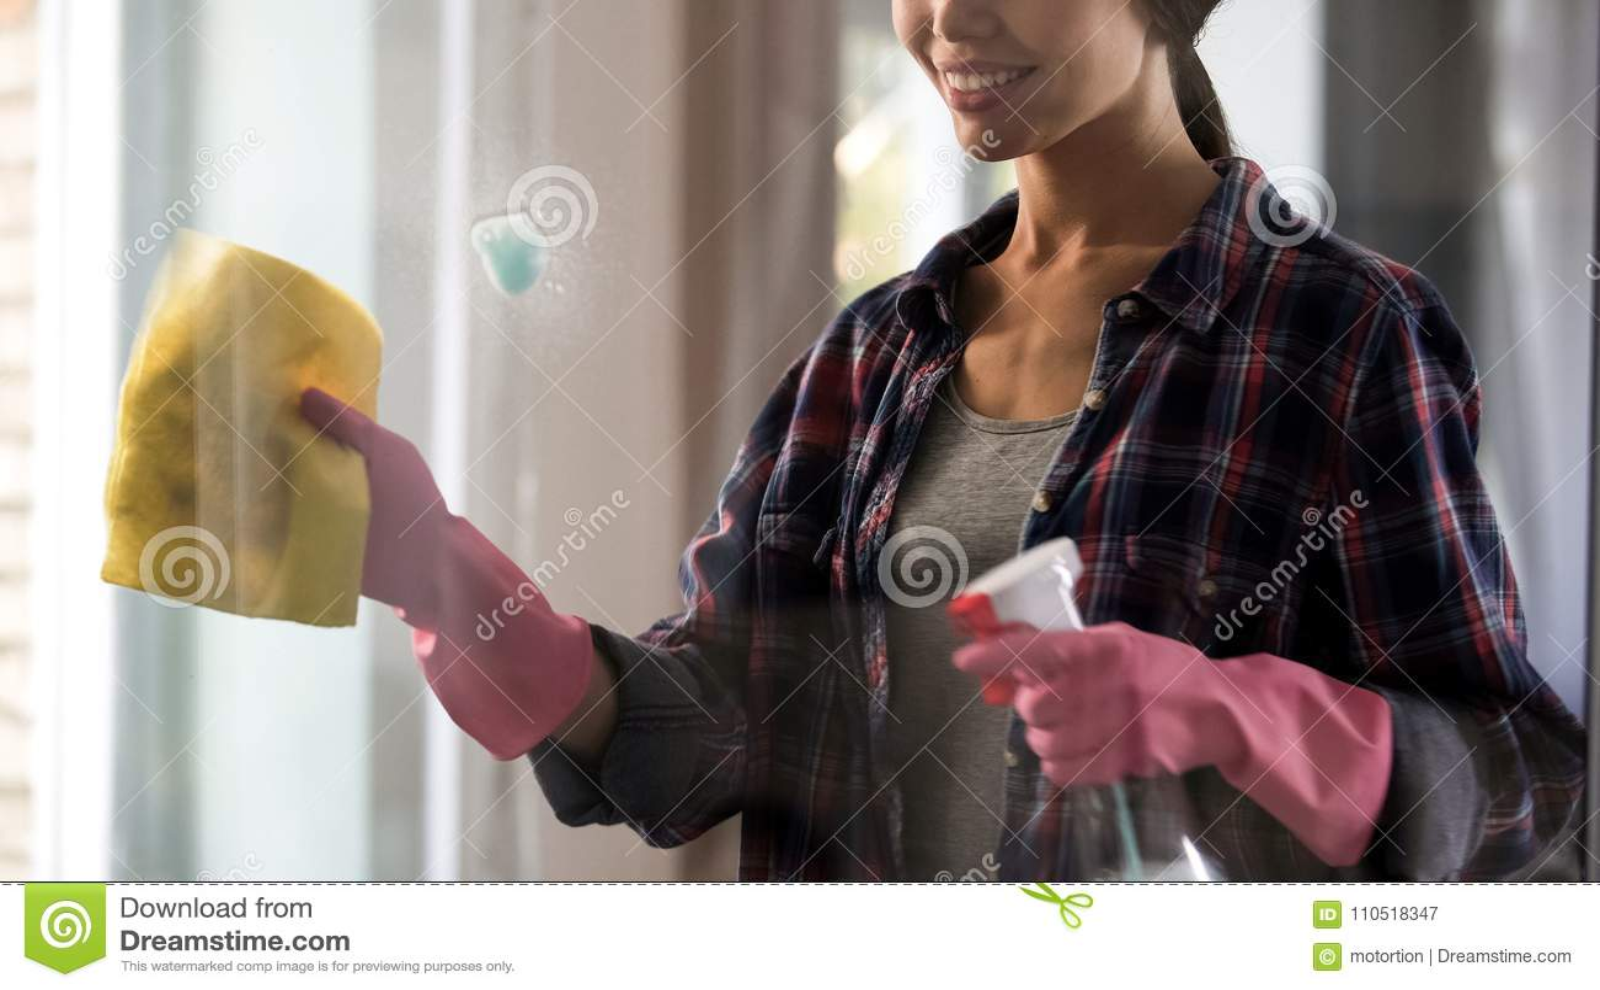 Criada femenina del hotel en los guantes que limpian la ventana de cristal después del espray, eliminación de la mancha